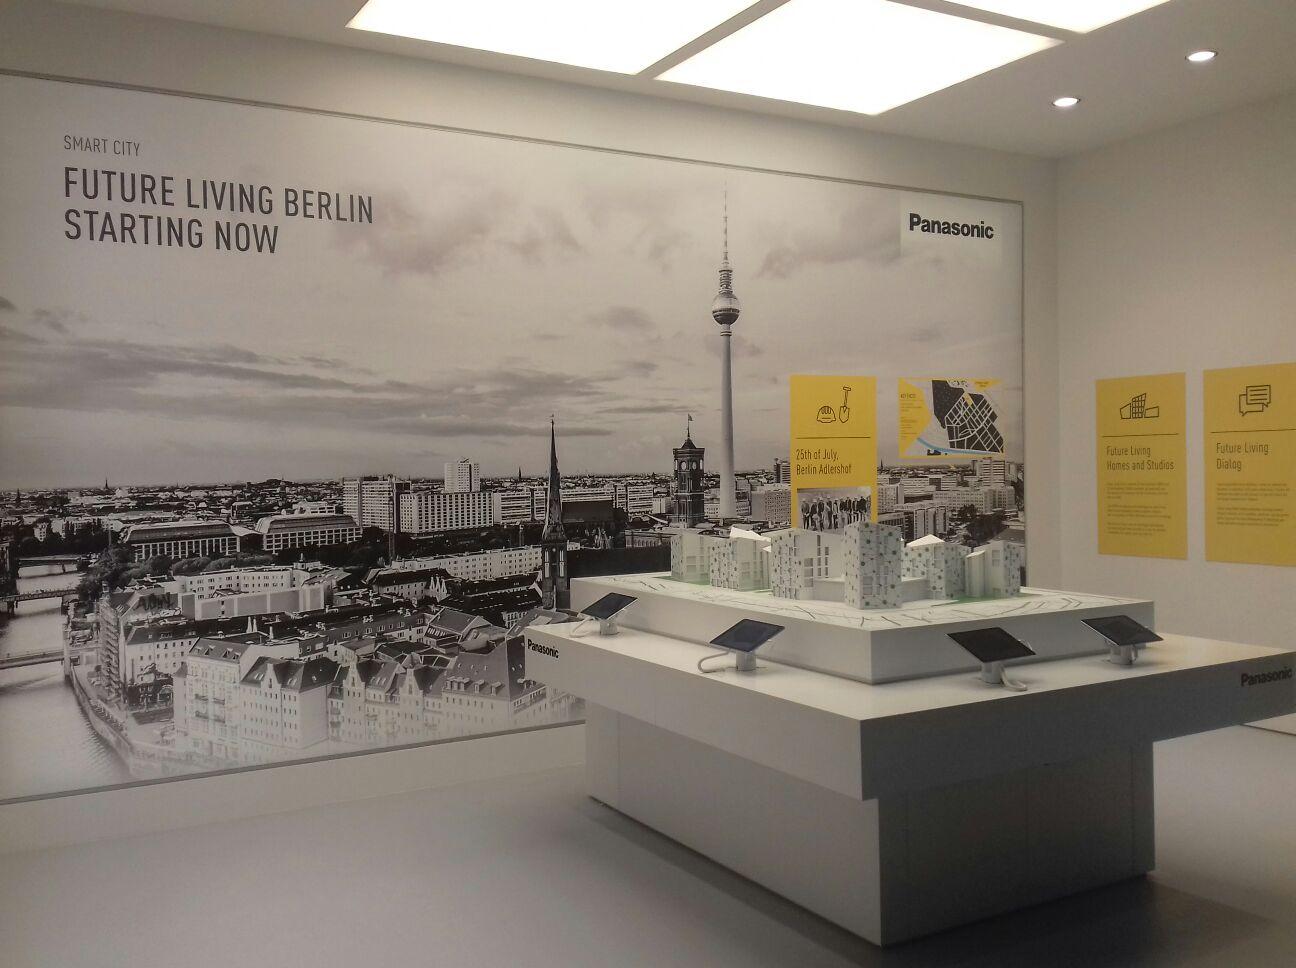 IFA 2017: Novedades Panasonic para un estilo de vida más cómodo y conectado